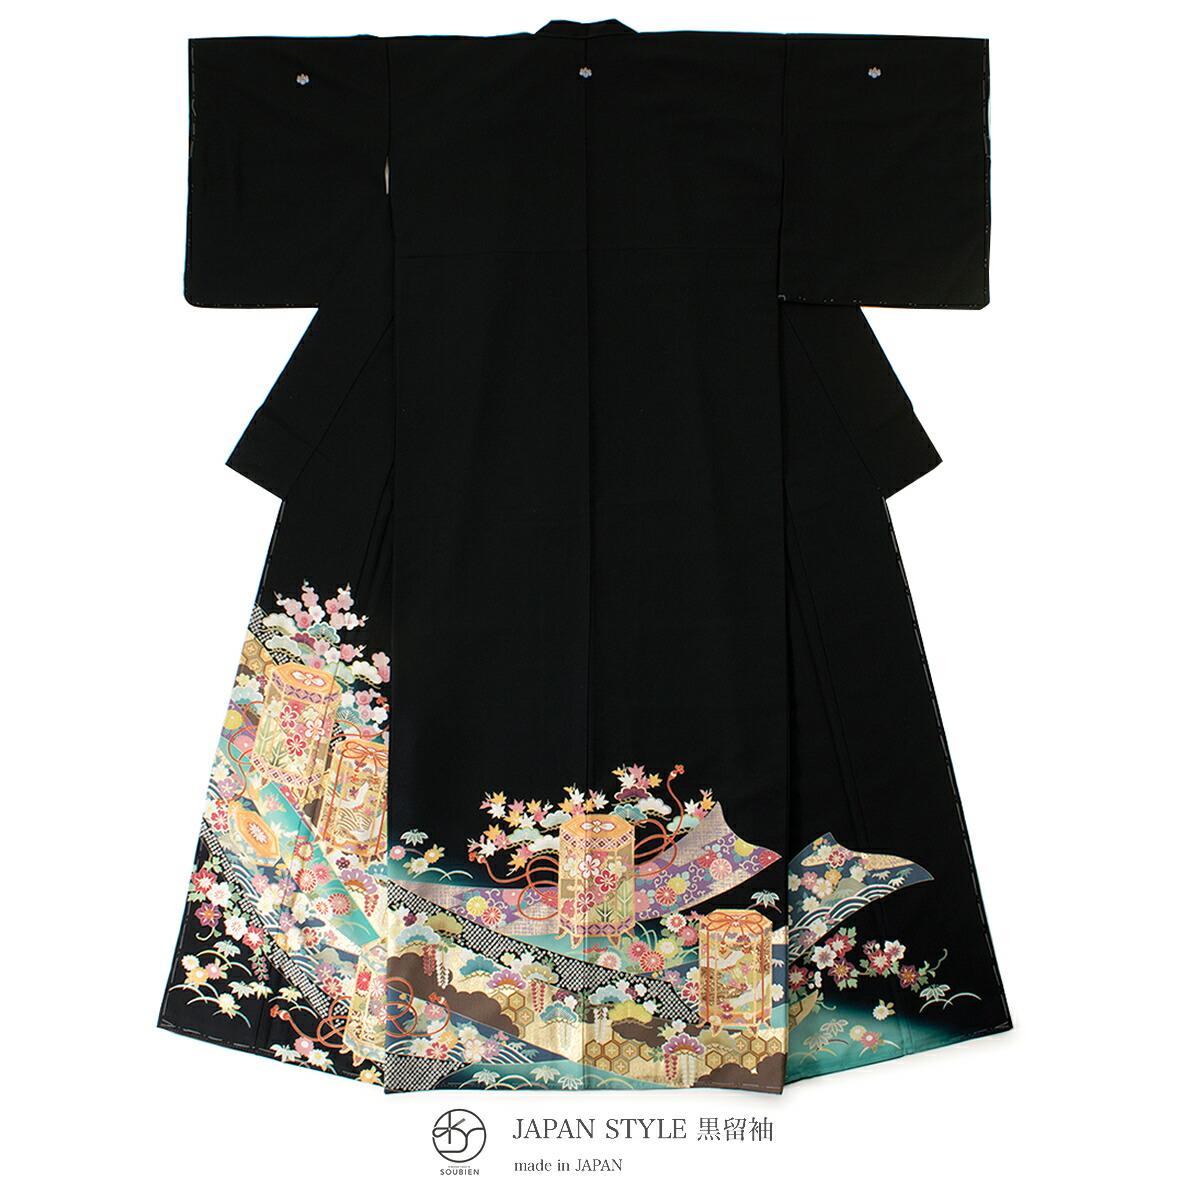 結婚式などにおすすめな黒留袖